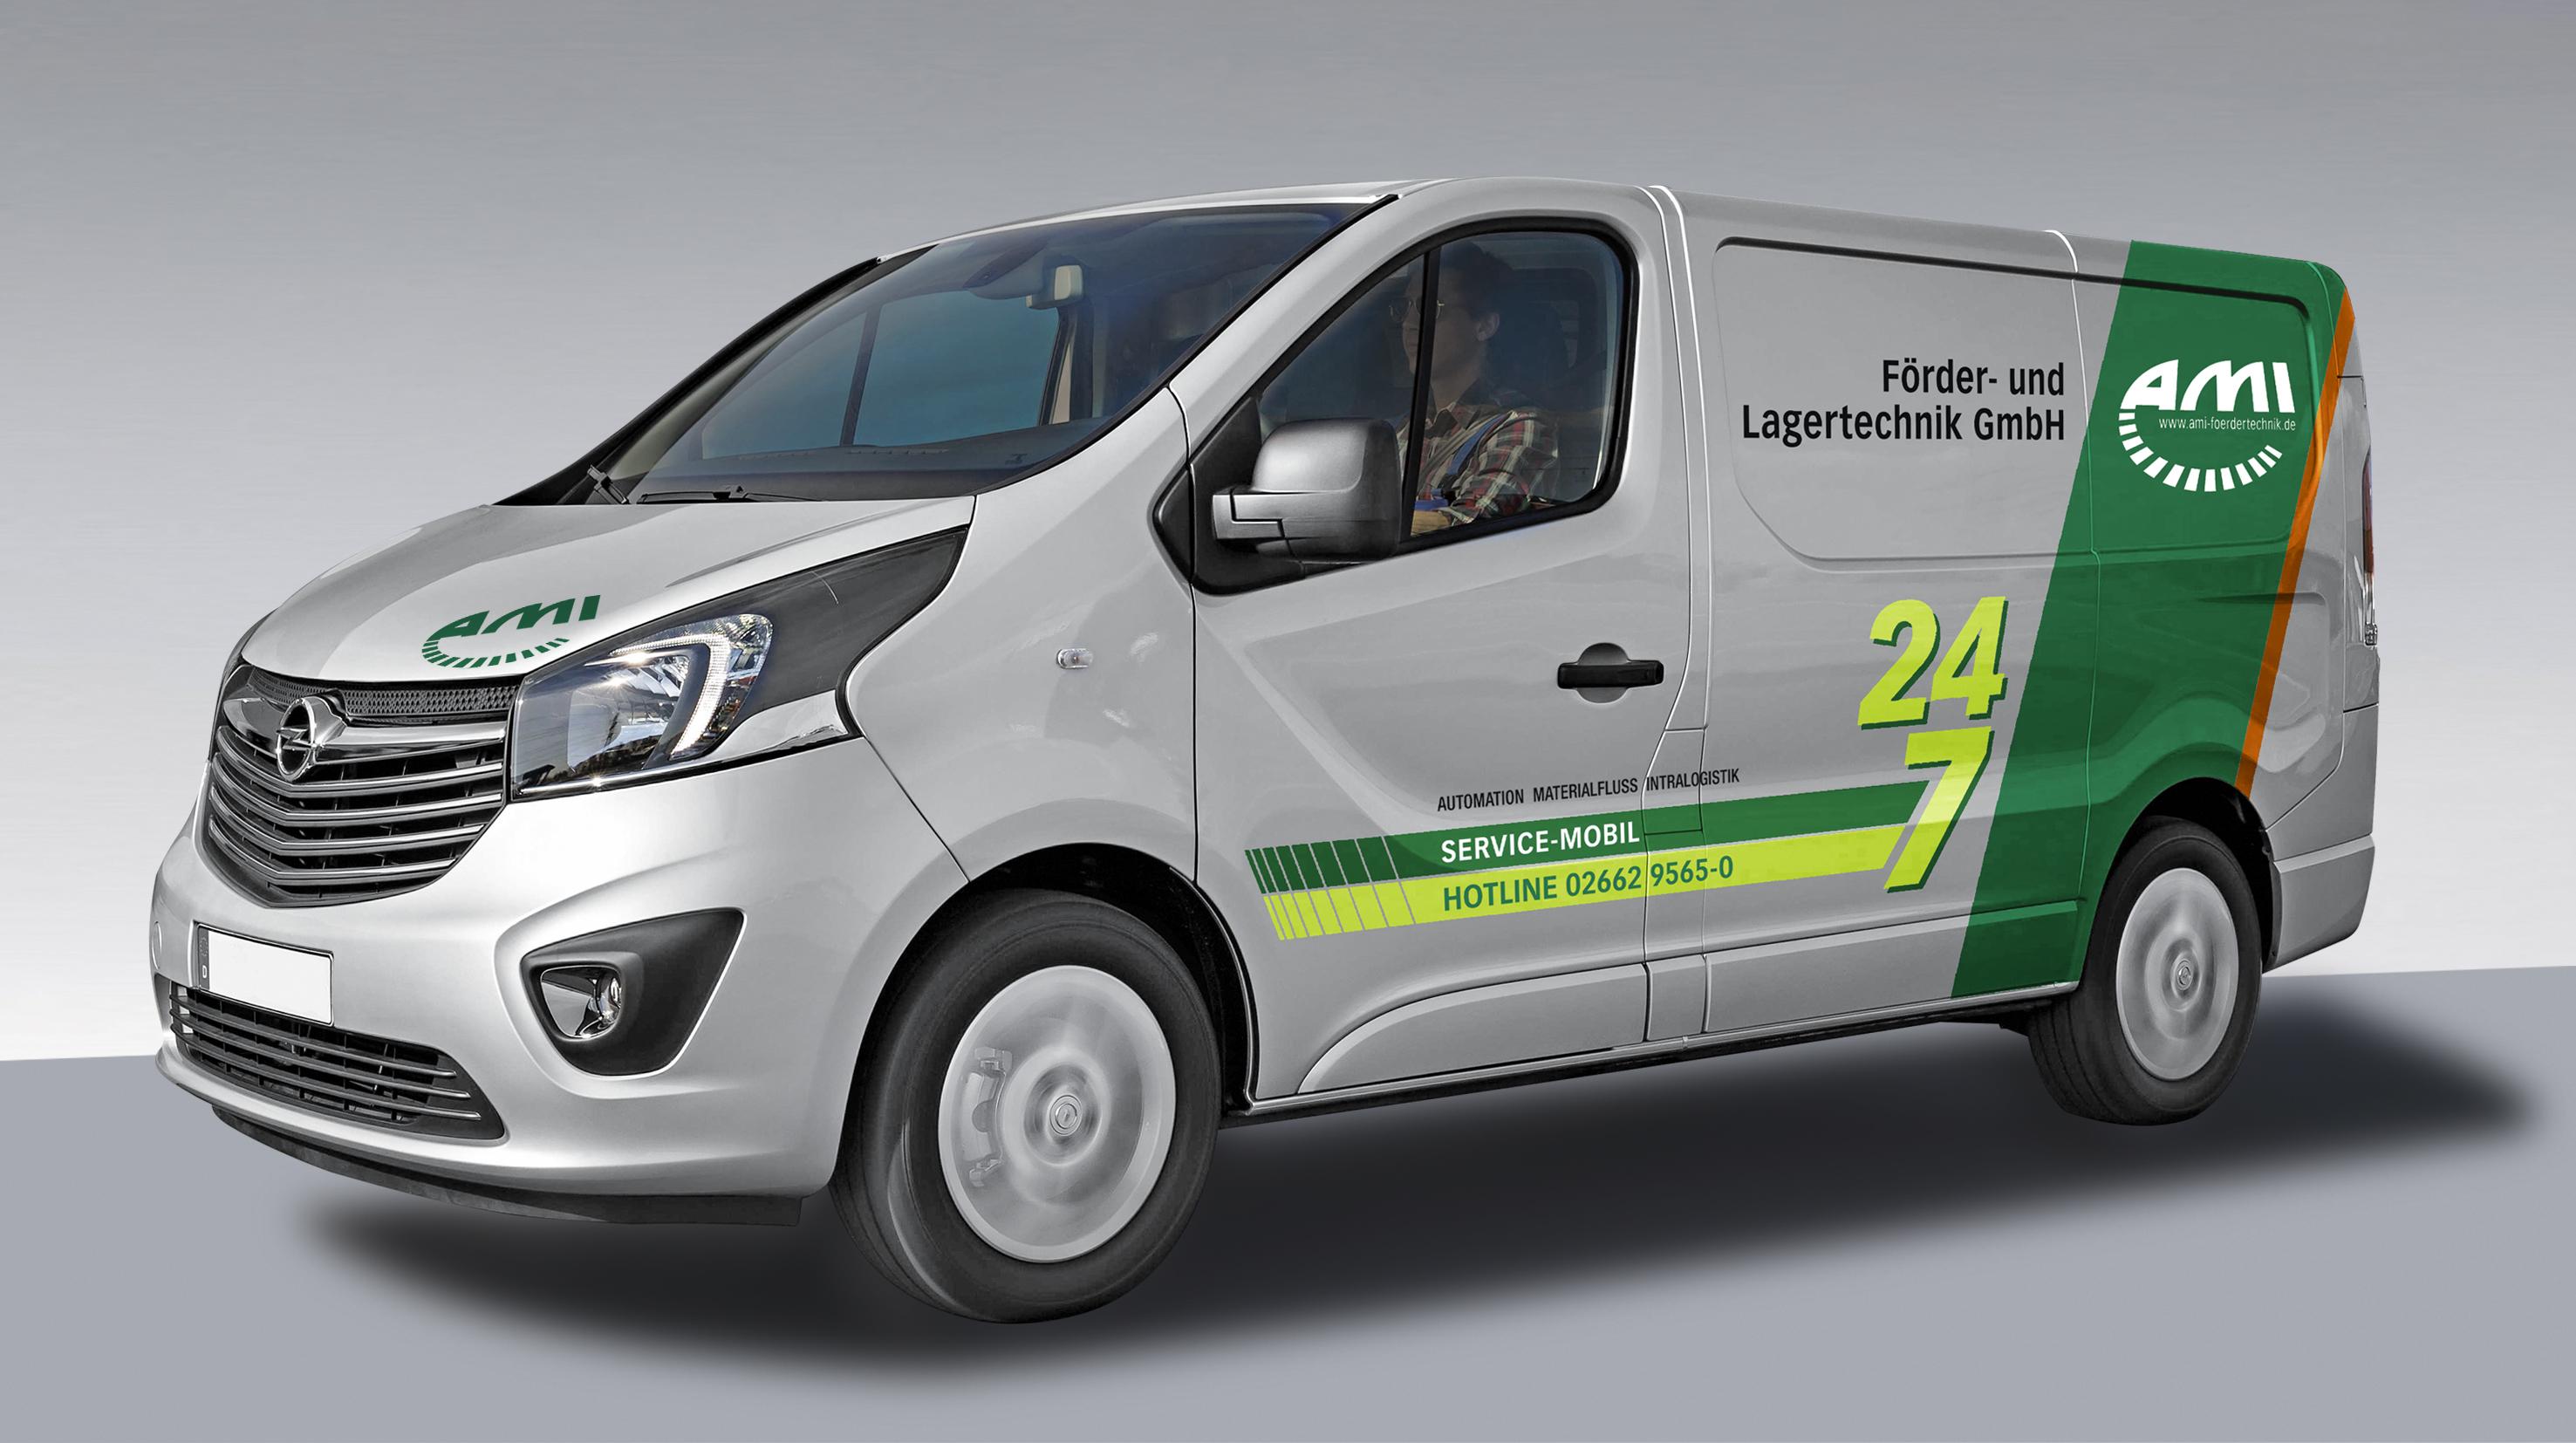 BILD-FU-WEB__AMI-Opel-Vivaro-24:7